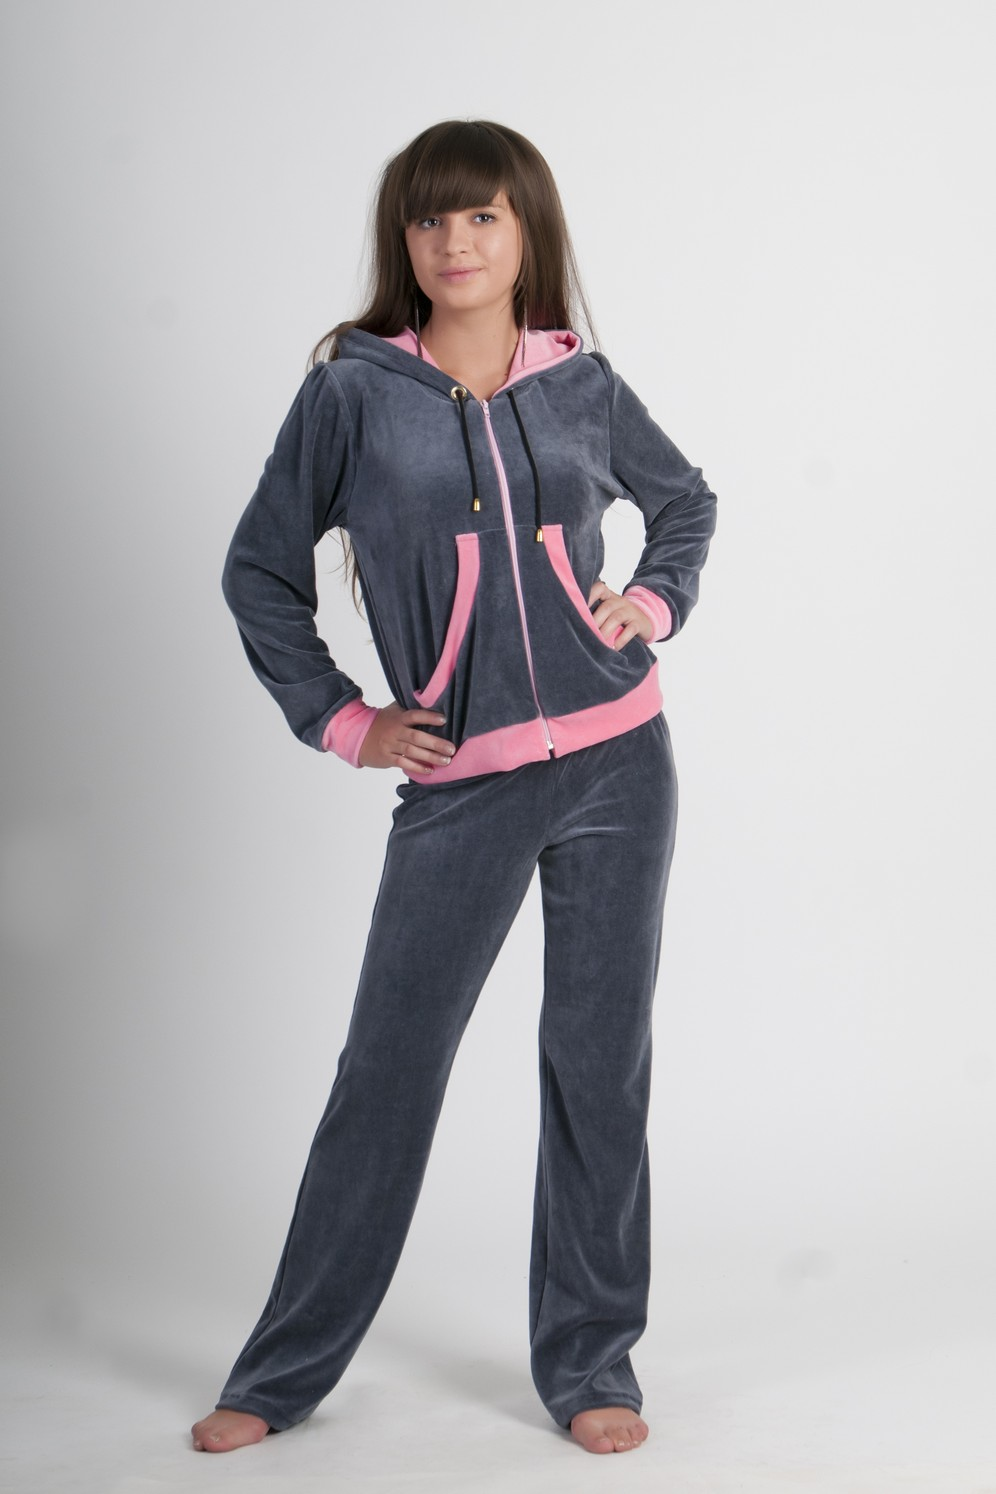 Велюровые женские спортивные костюмы (65 фото): брендовые костюмы из велюра и из Турции, больших размеров со стразами, черные 832